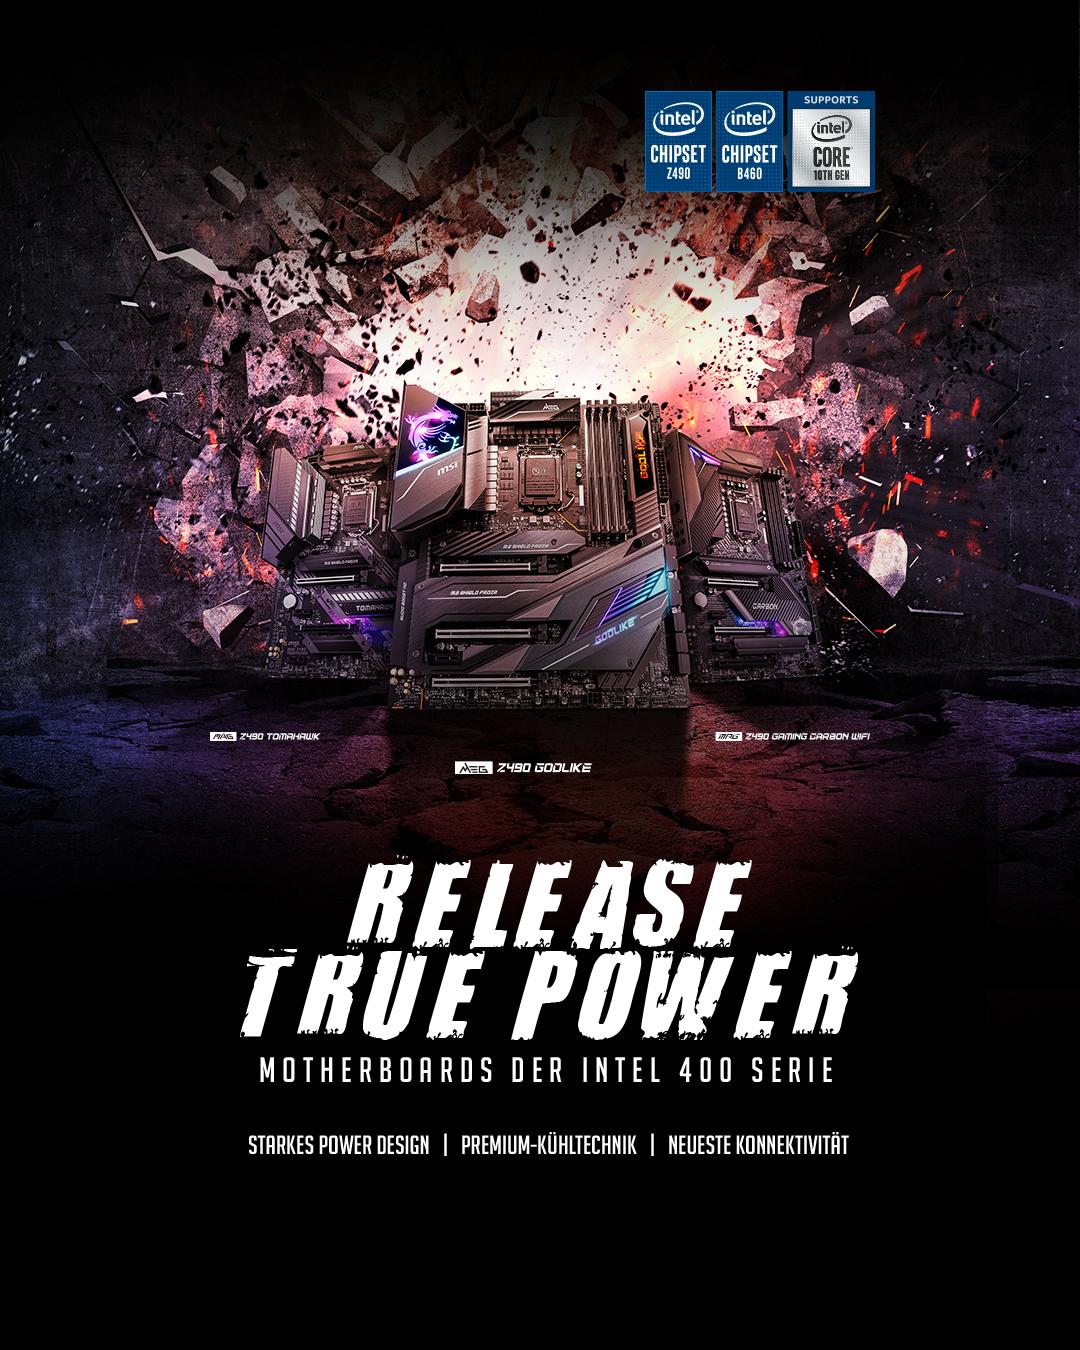 Release true power